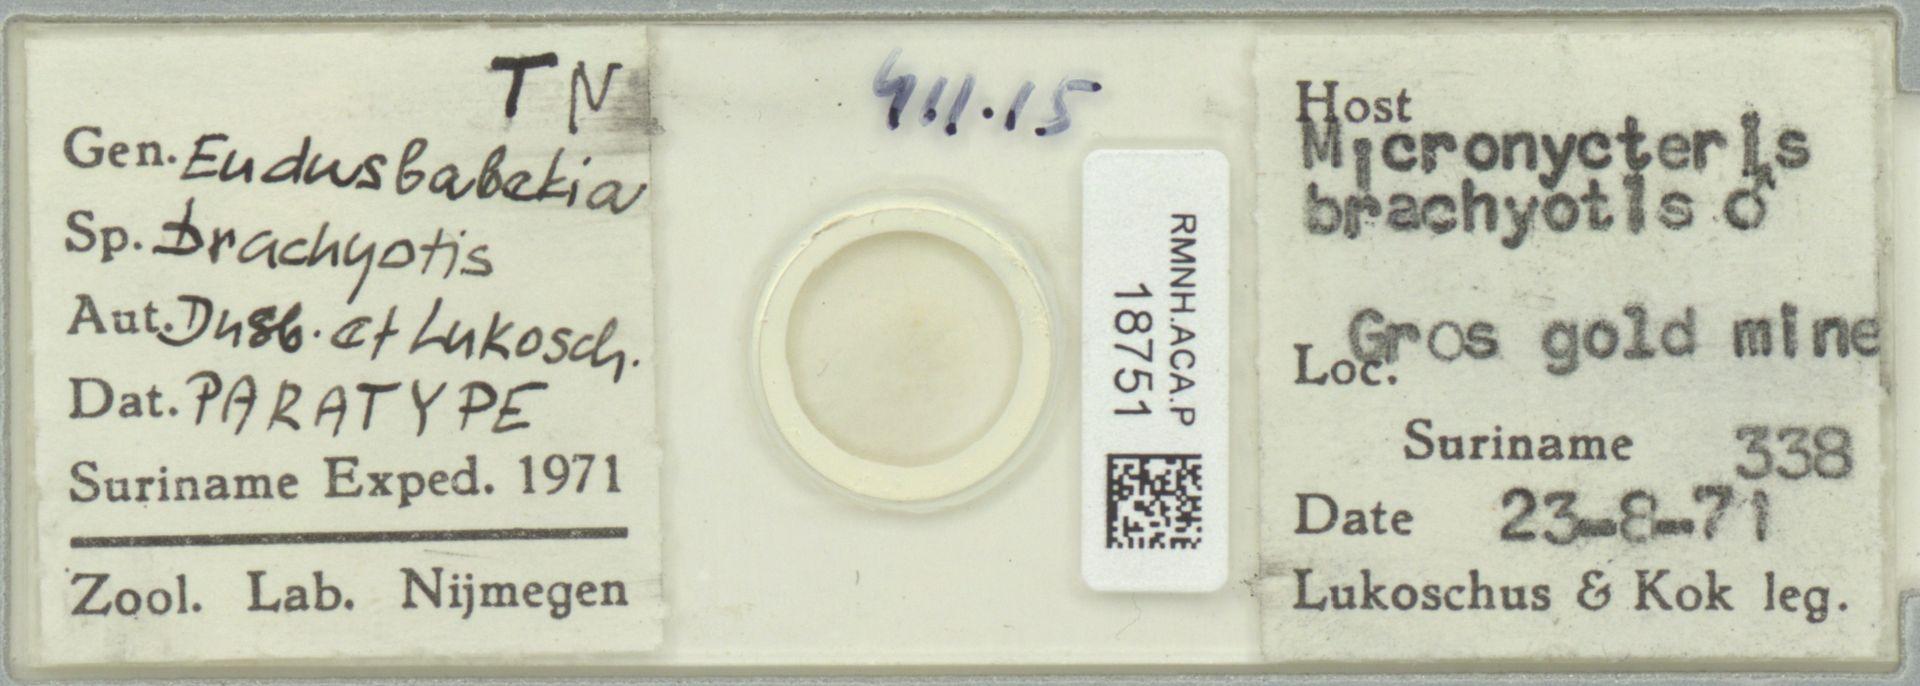 RMNH.ACA.P.18751 | Eudusbabekia brachyotis Dusbábek & Lukoschus